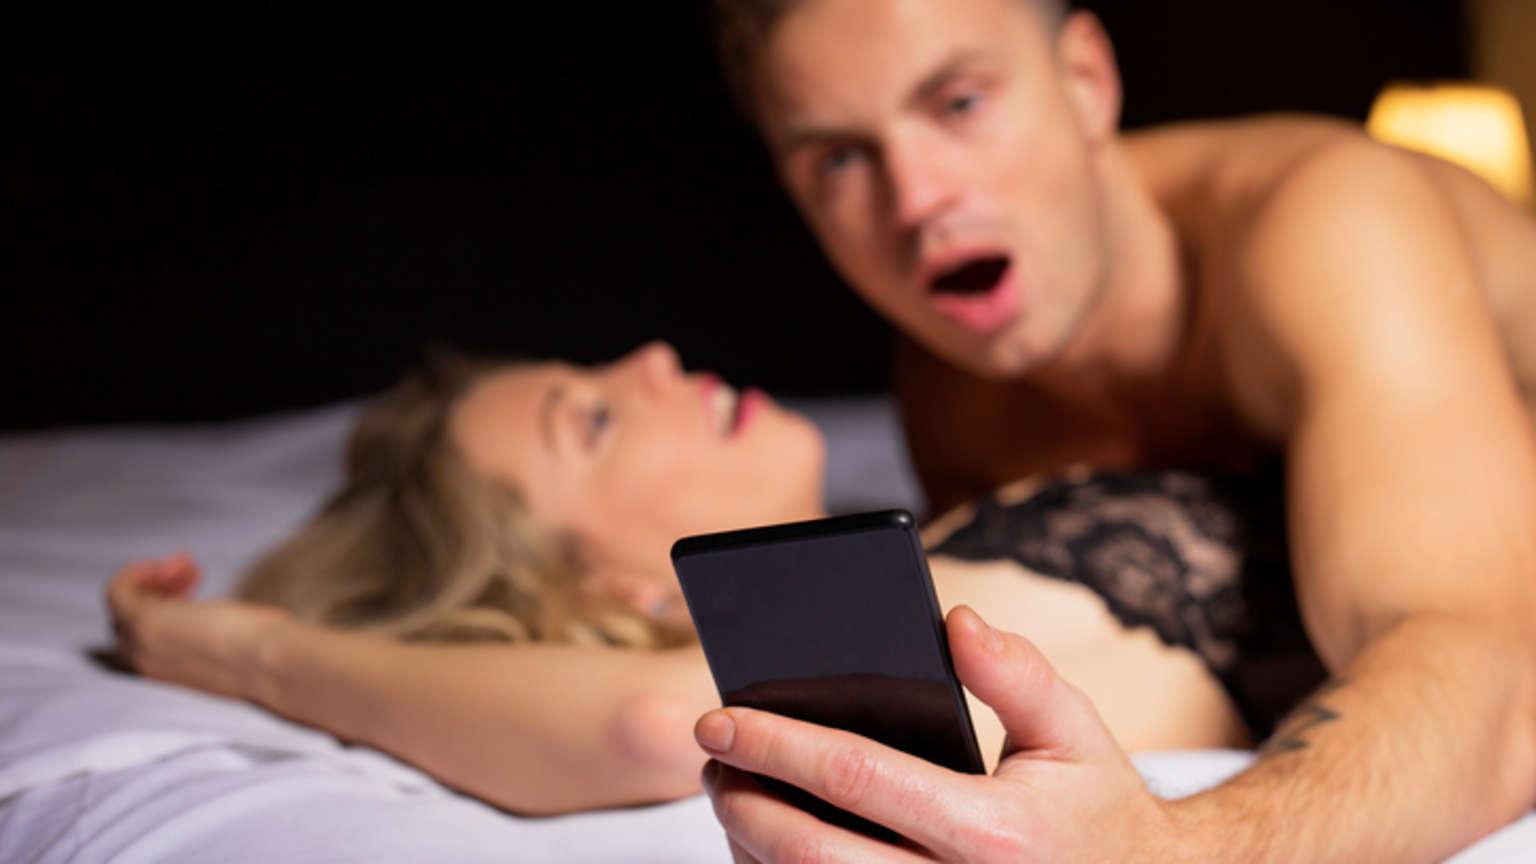 Зачем муж смотрит порно